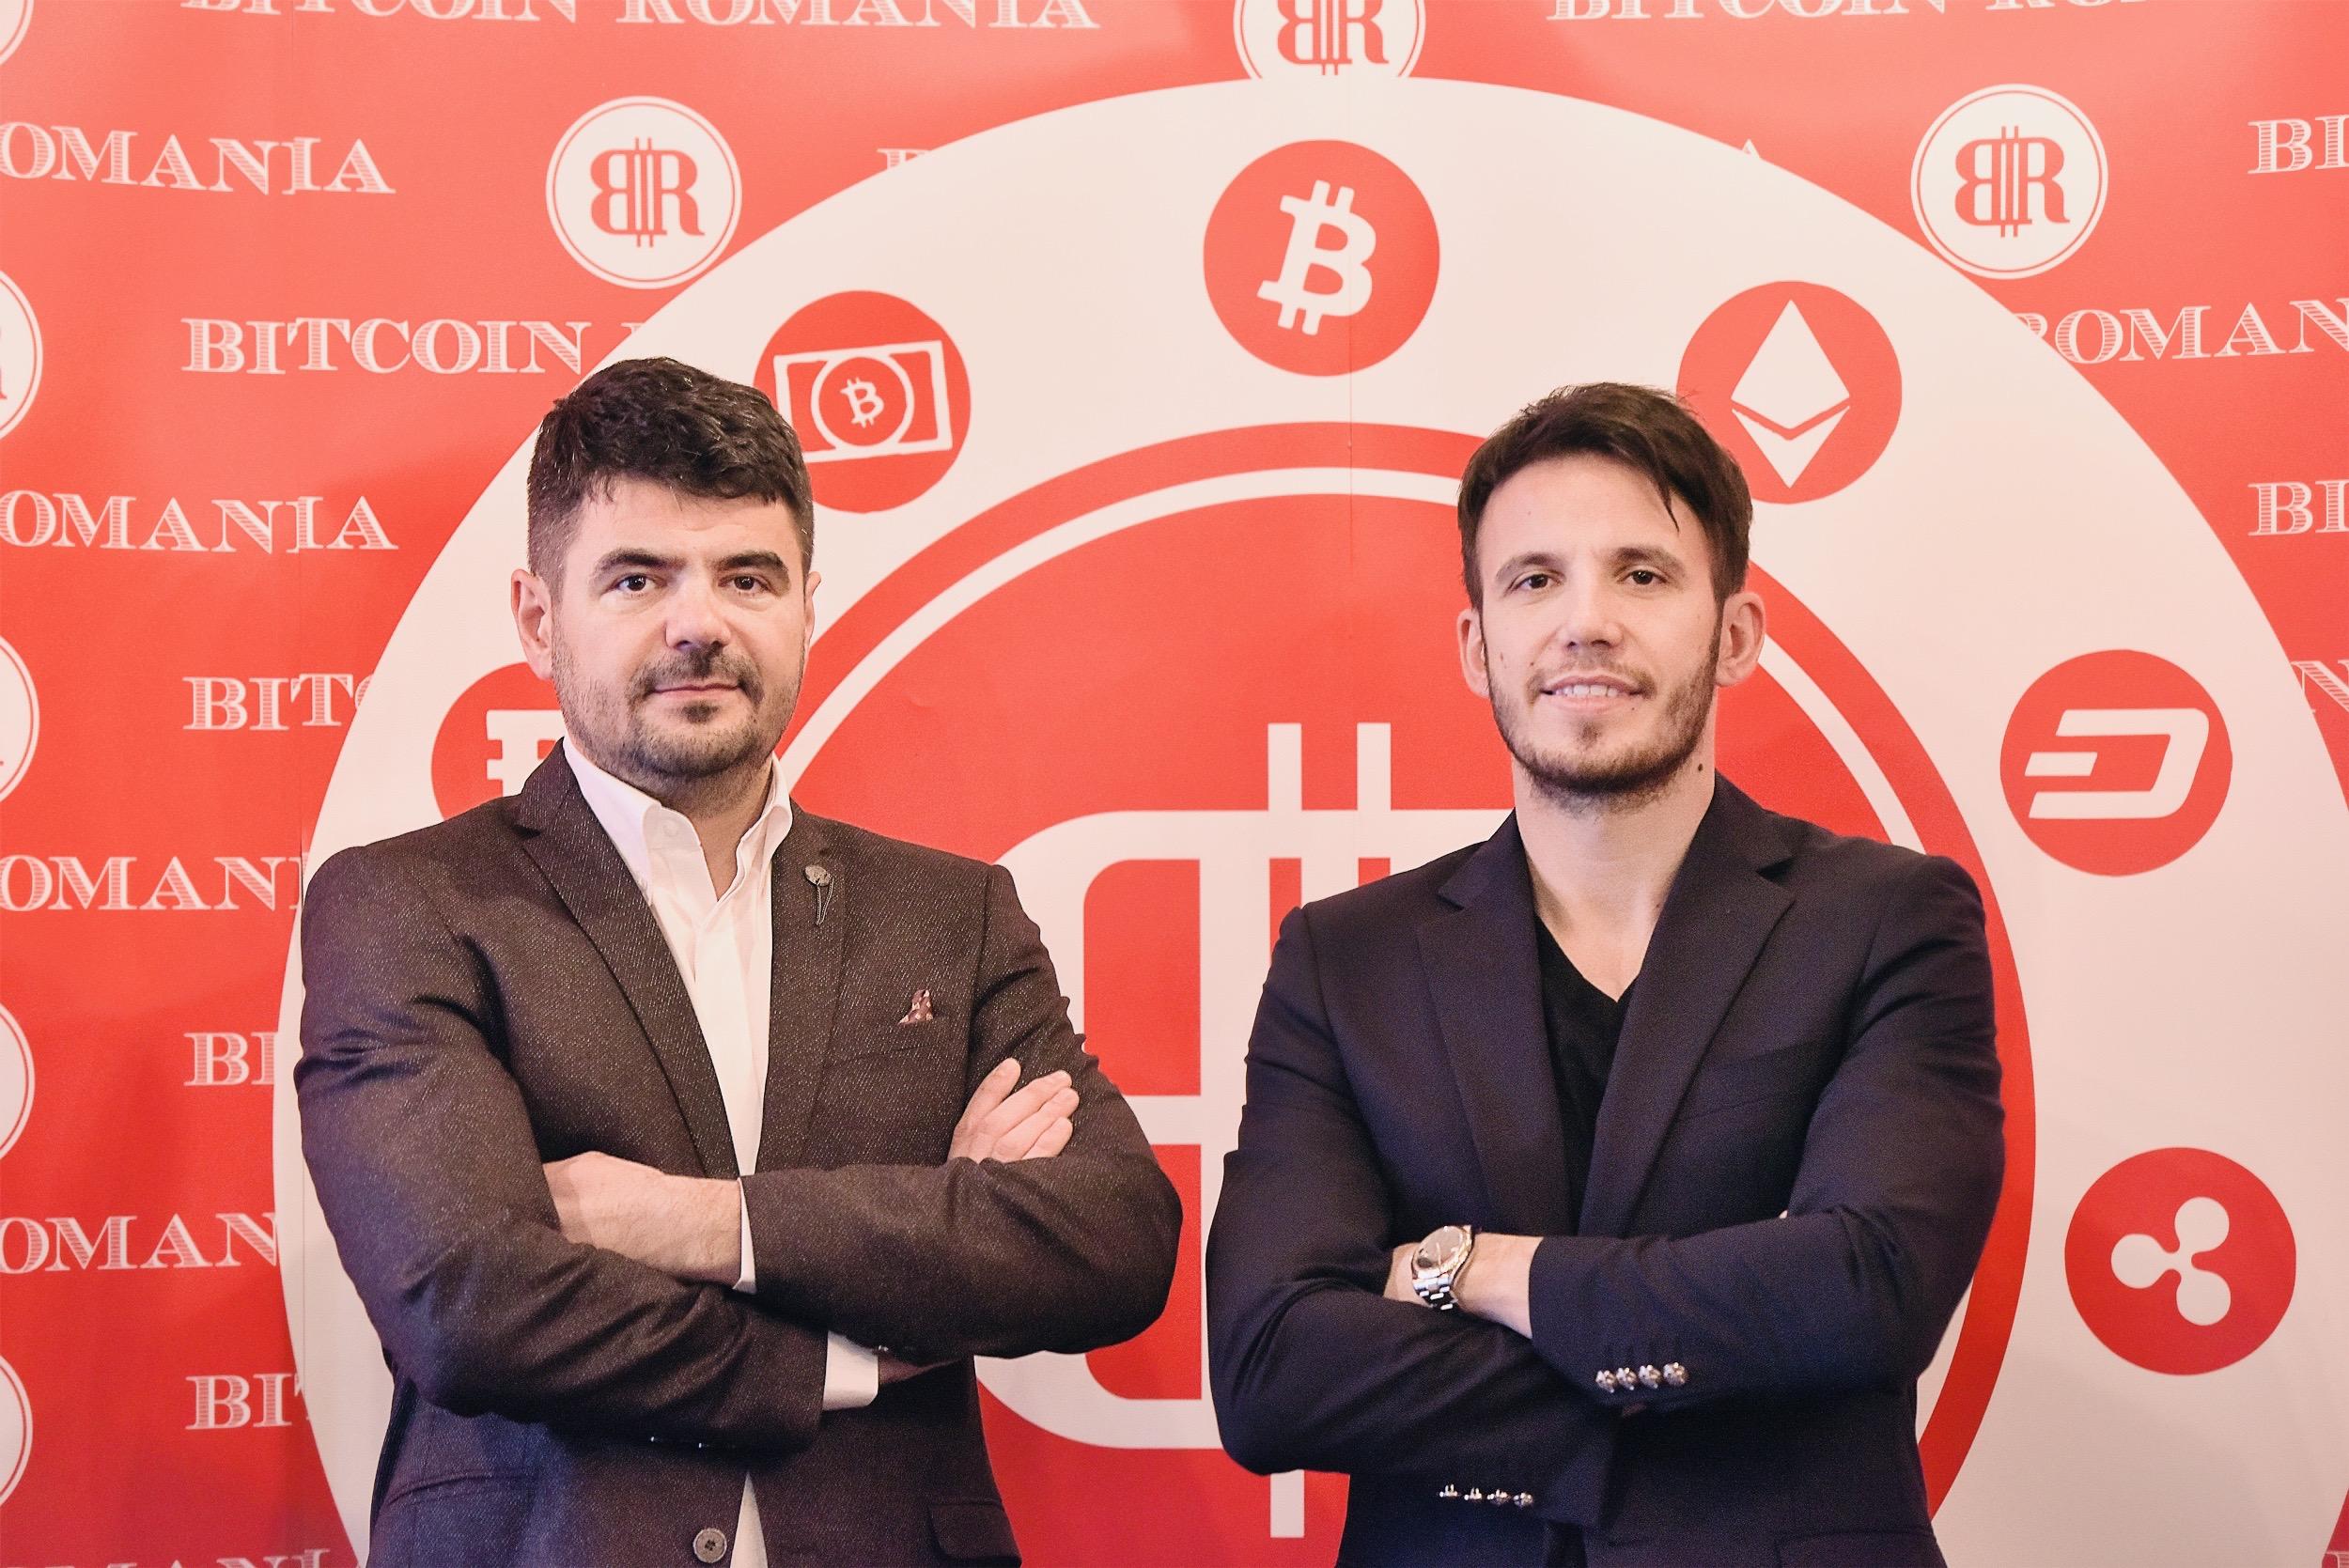 Bitcoin România: Băncile pot câștiga și 10 mil. euro pe an datorită tranzacțiilor prin criptomonede